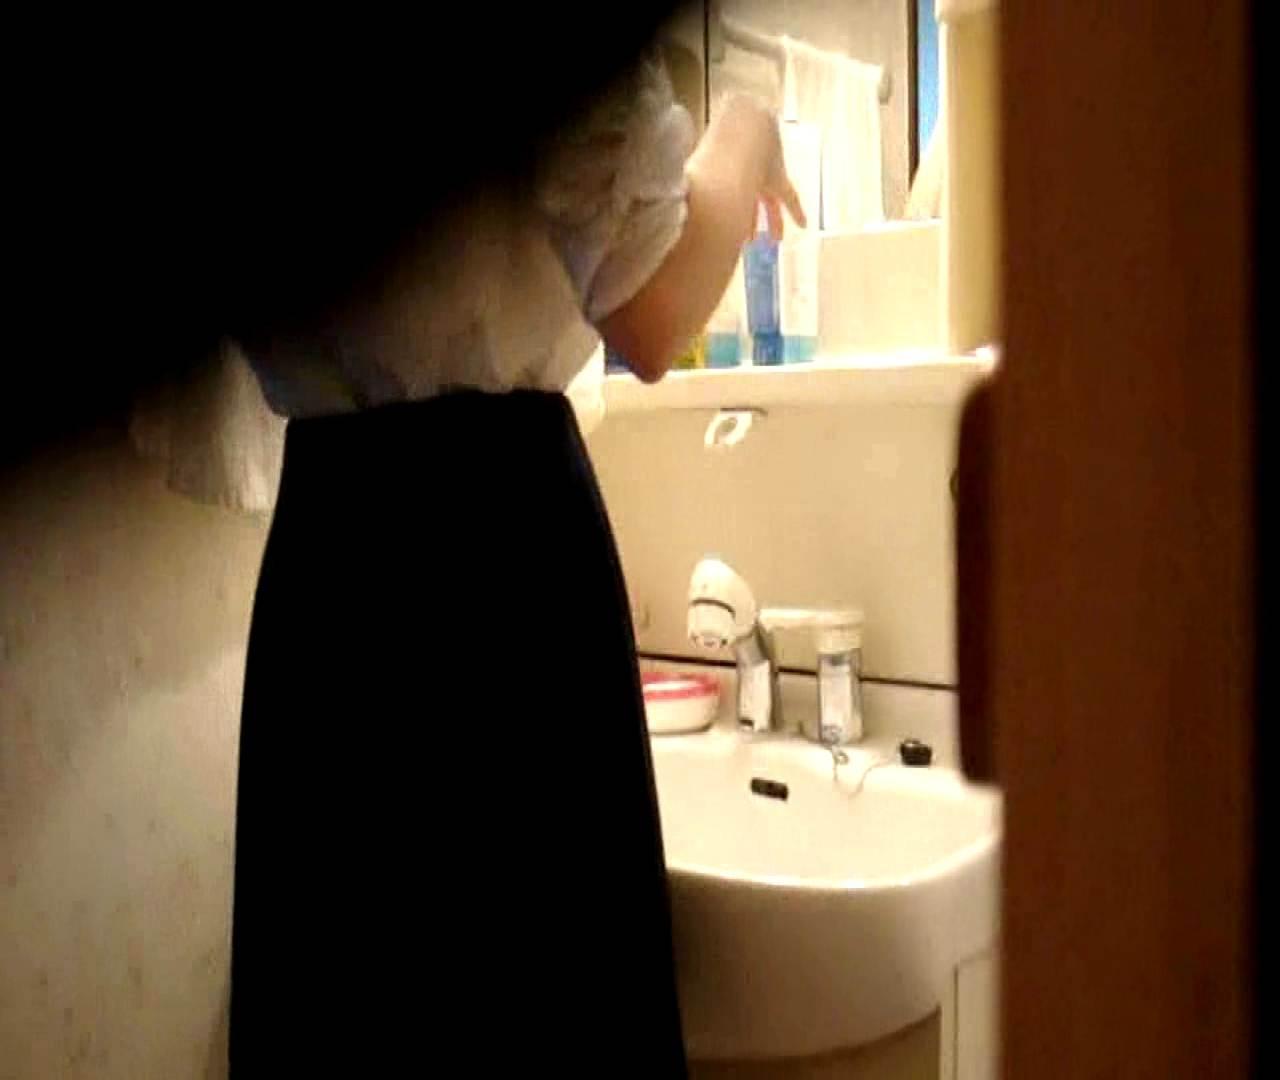 二人とも育てた甲斐がありました… vol.05 まどかが洗顔後にブラを洗濯 美しいOLの裸体  102pic 58